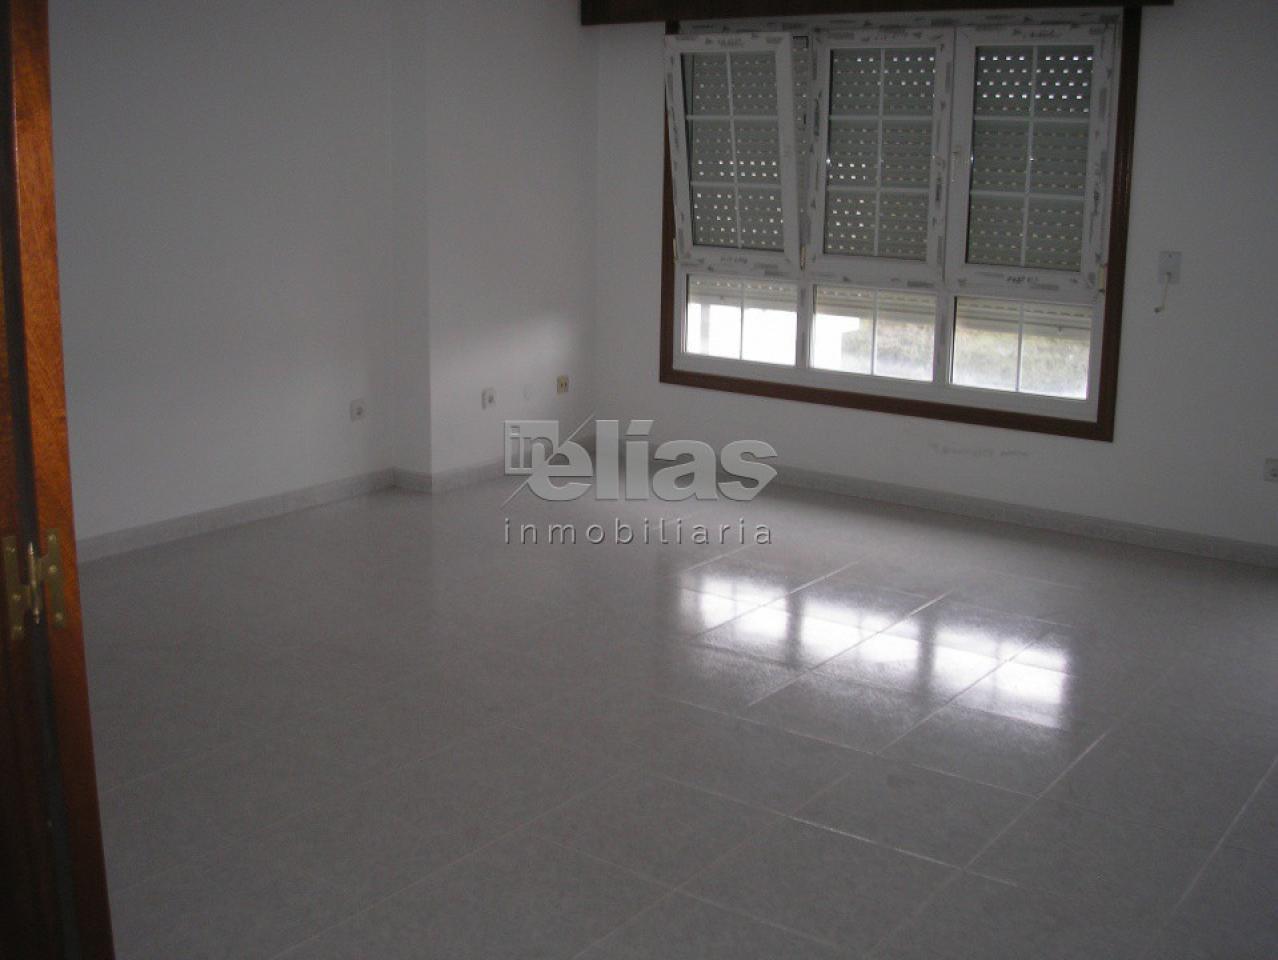 Piso en venta en Baio – P000224